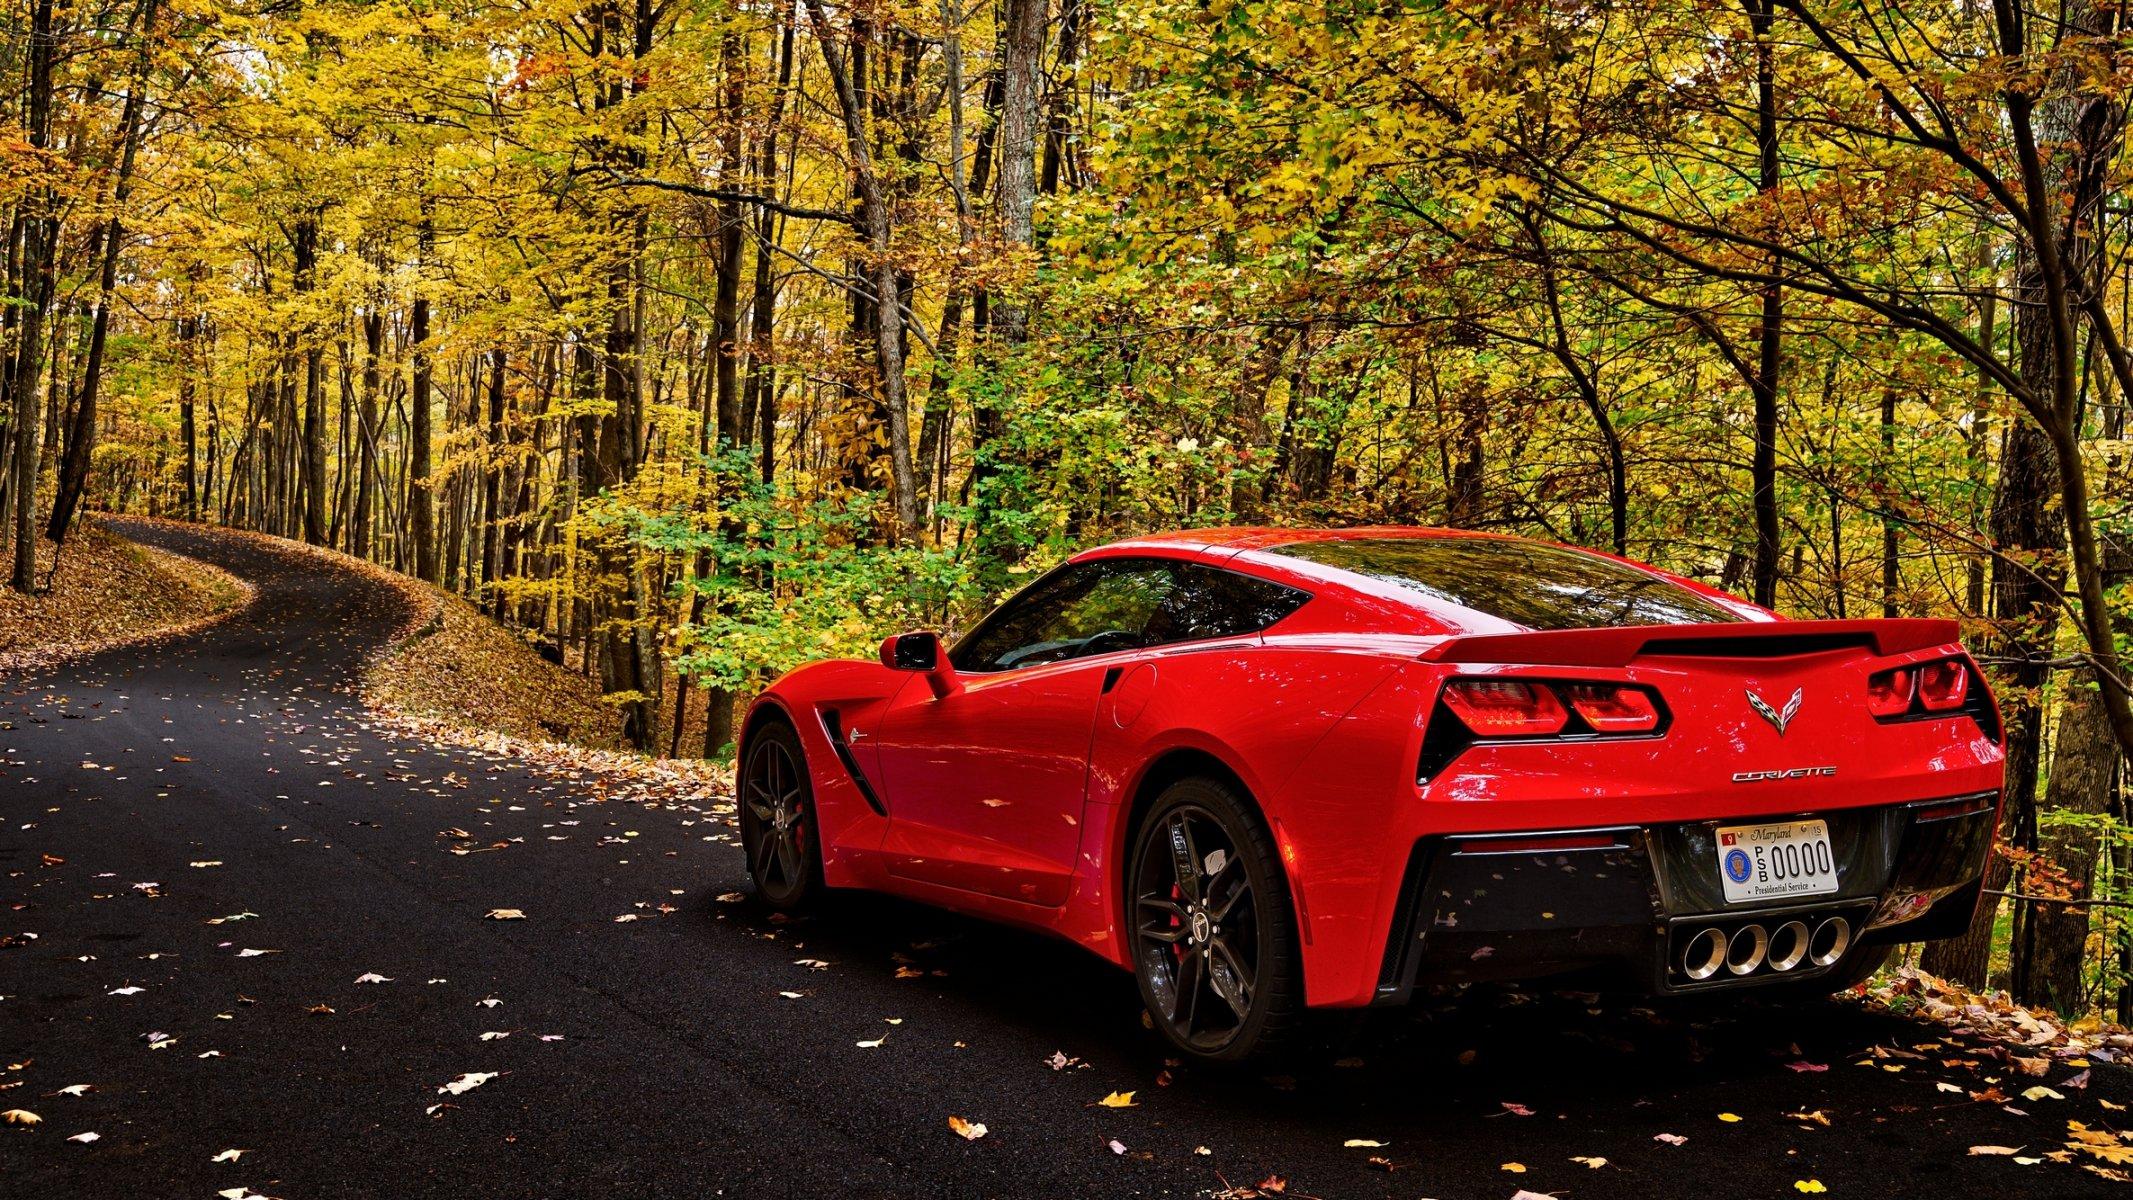 автомобиль осень лес дорога скачать